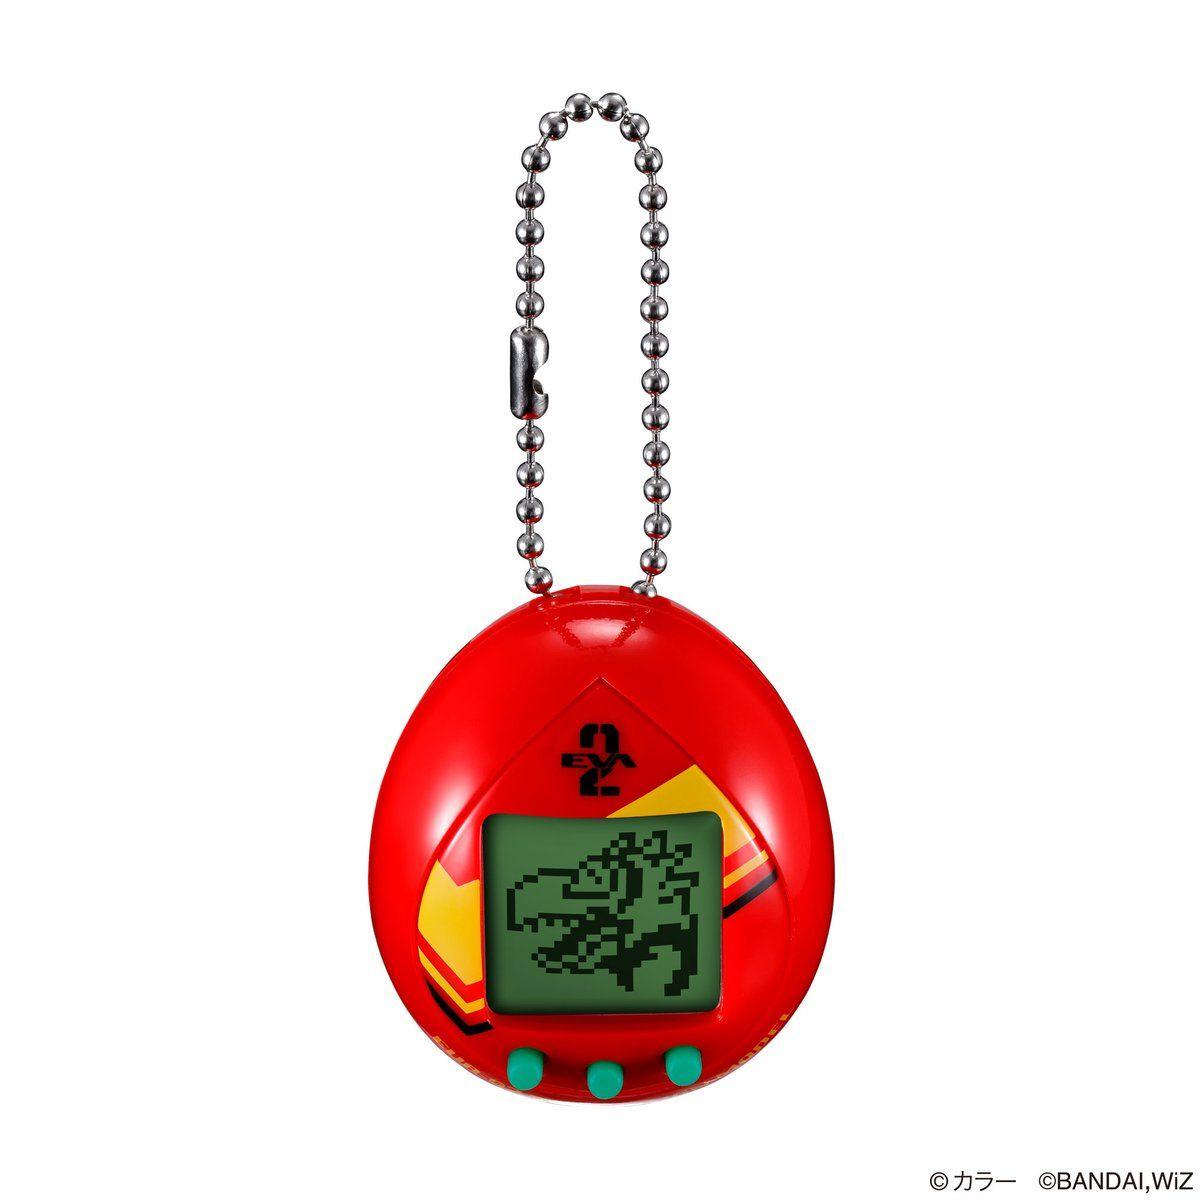 汎用卵型決戦兵器 エヴァっち アスカモデル